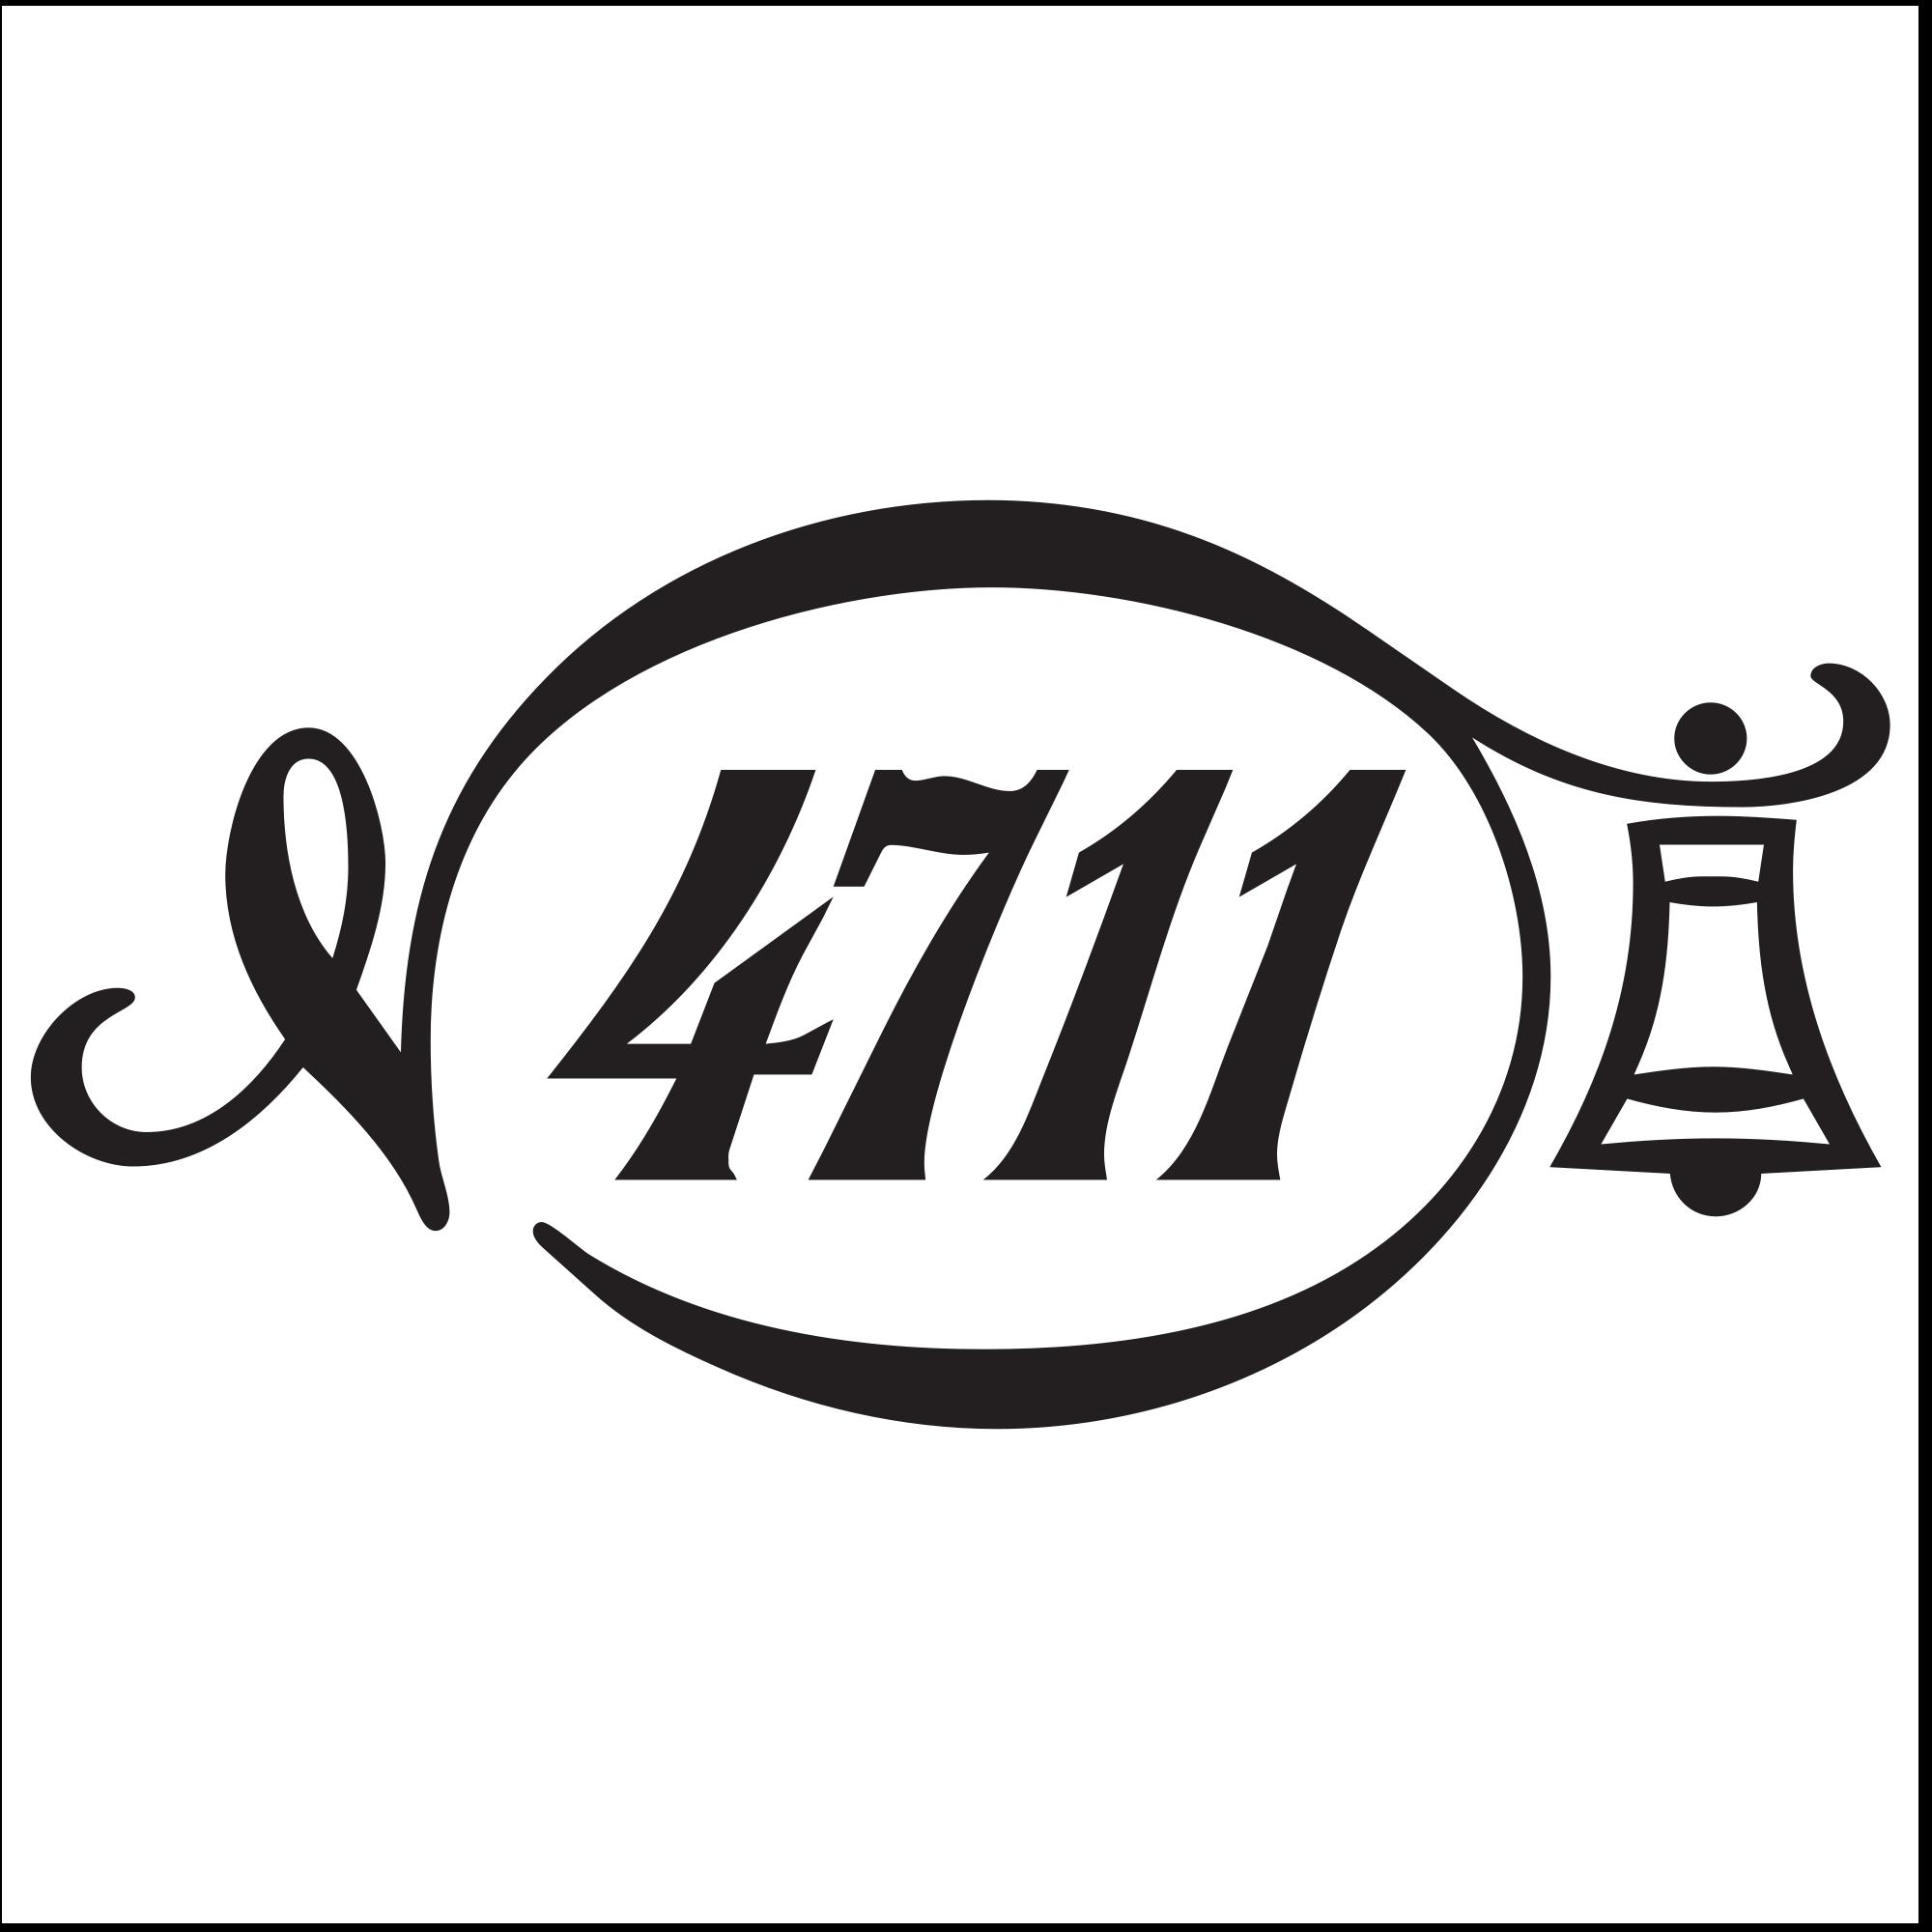 marque 4711